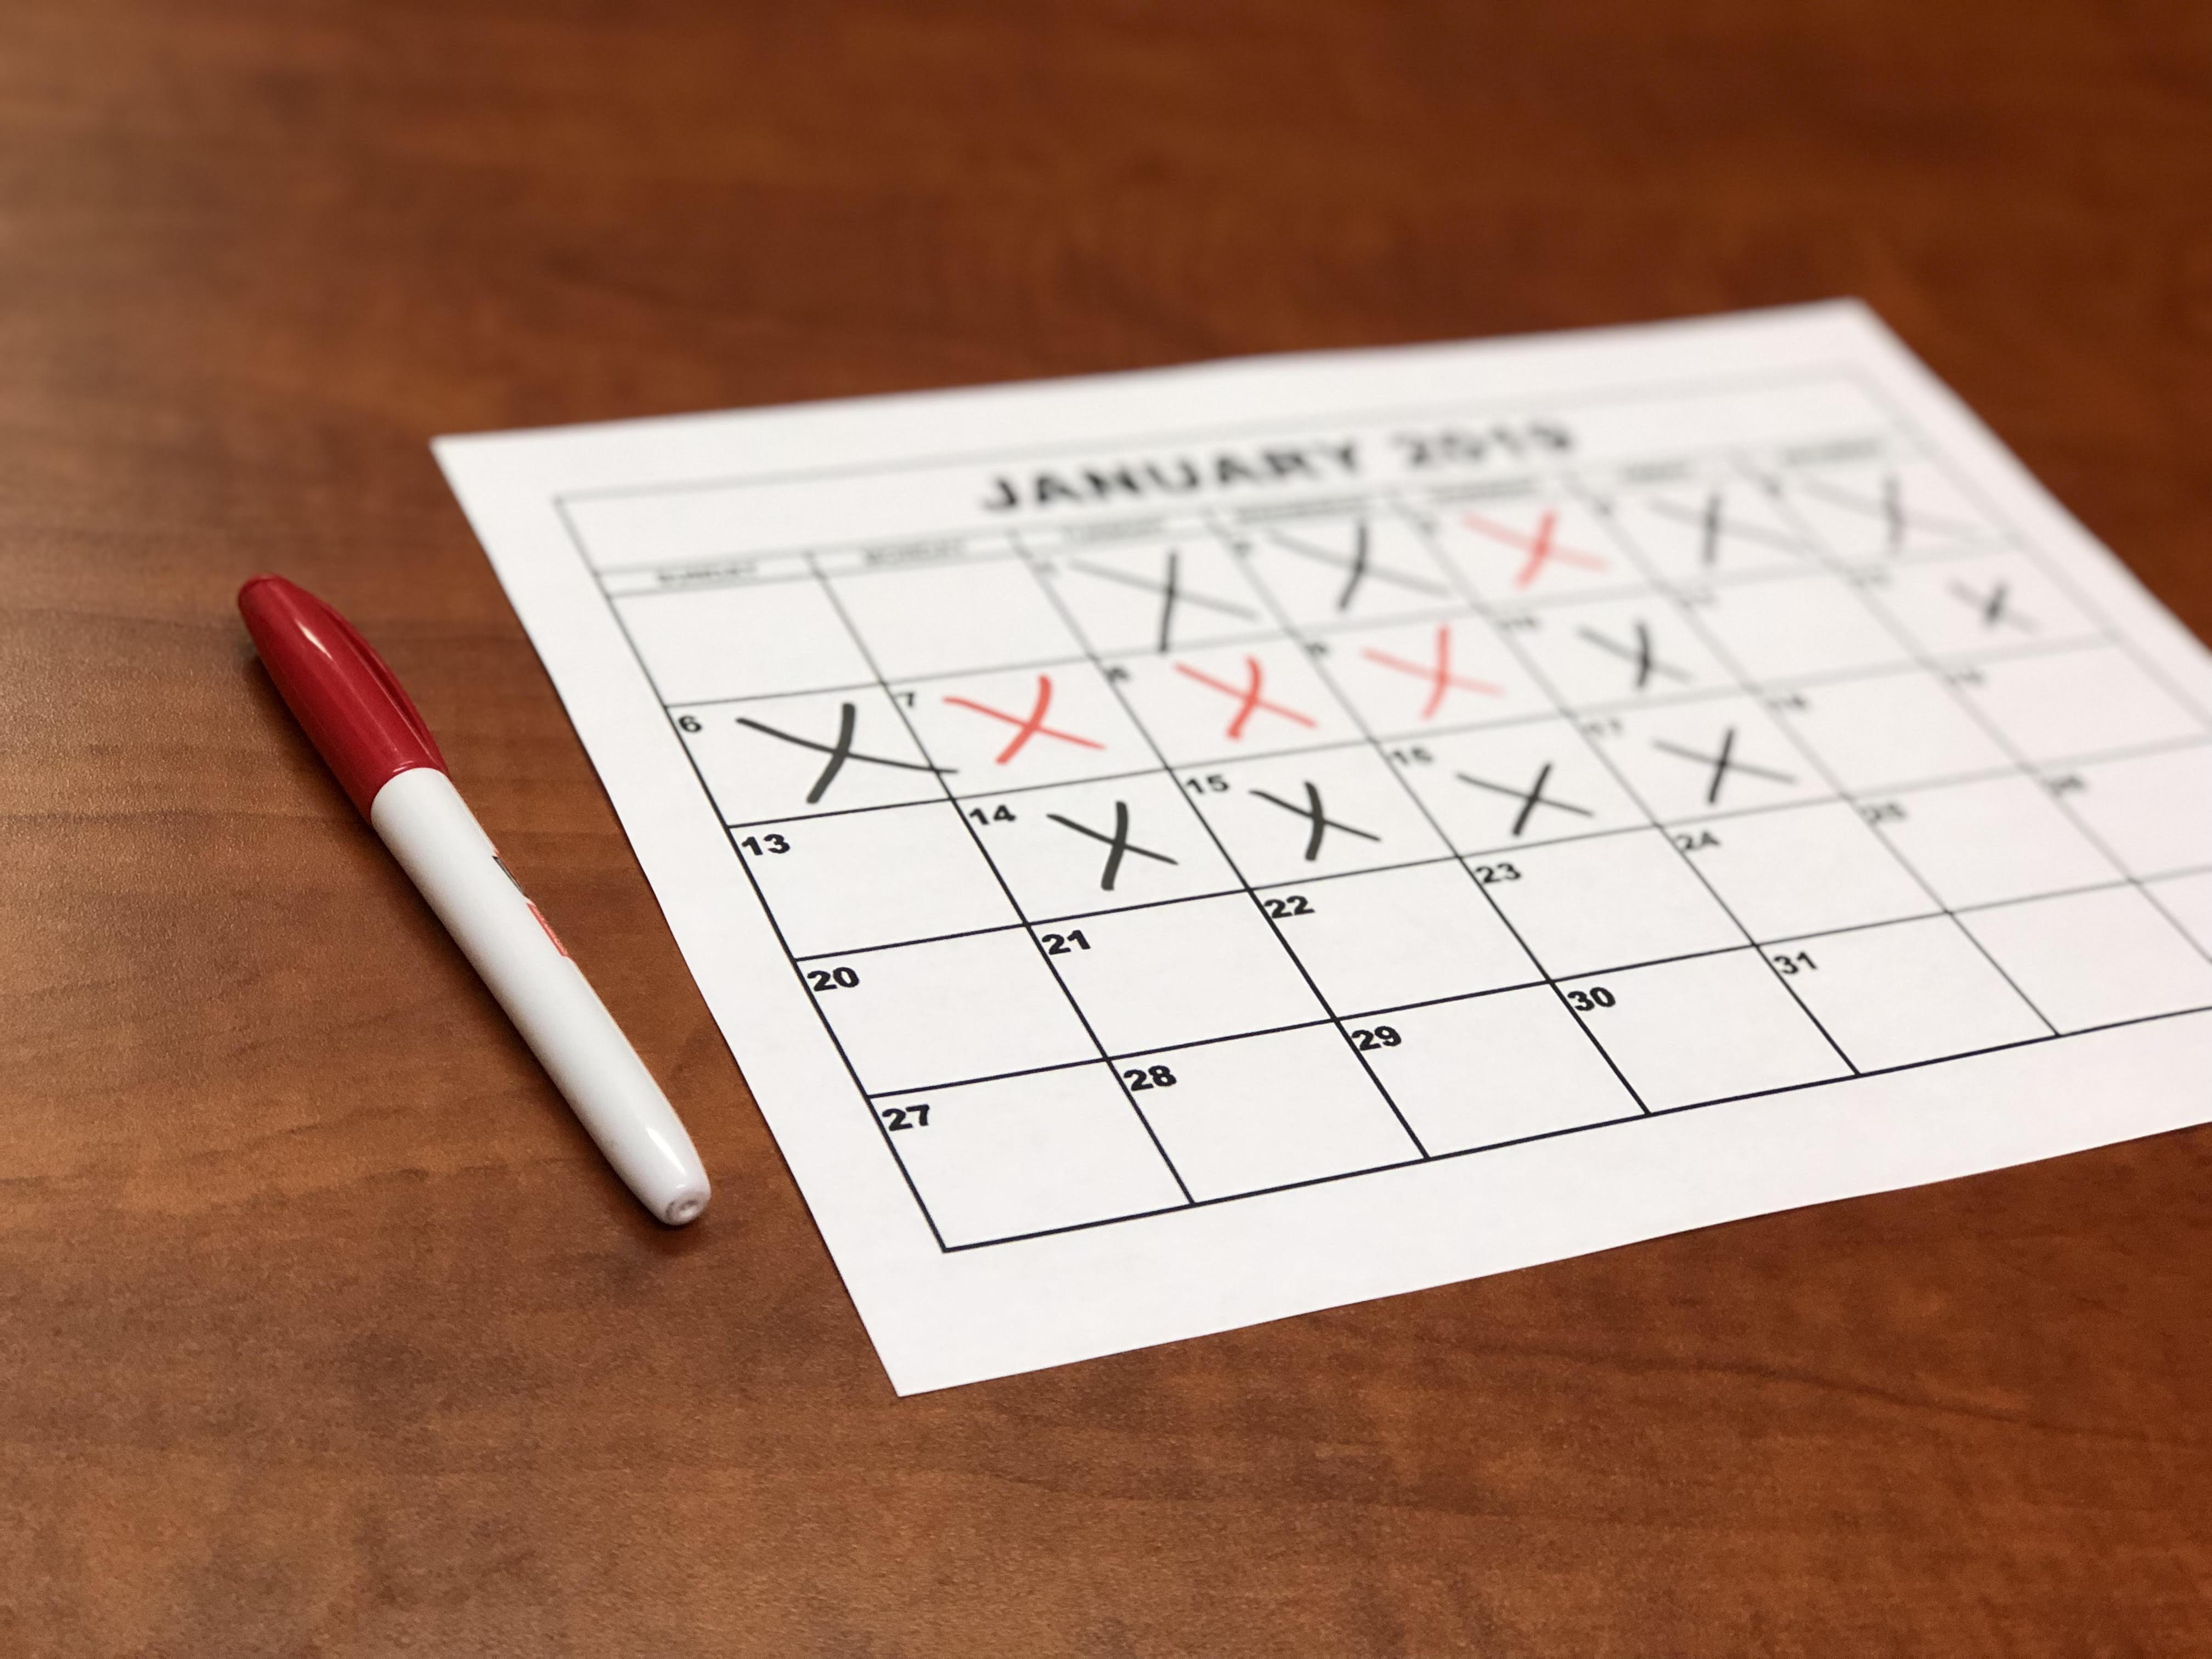 Set Goals on a Calendar